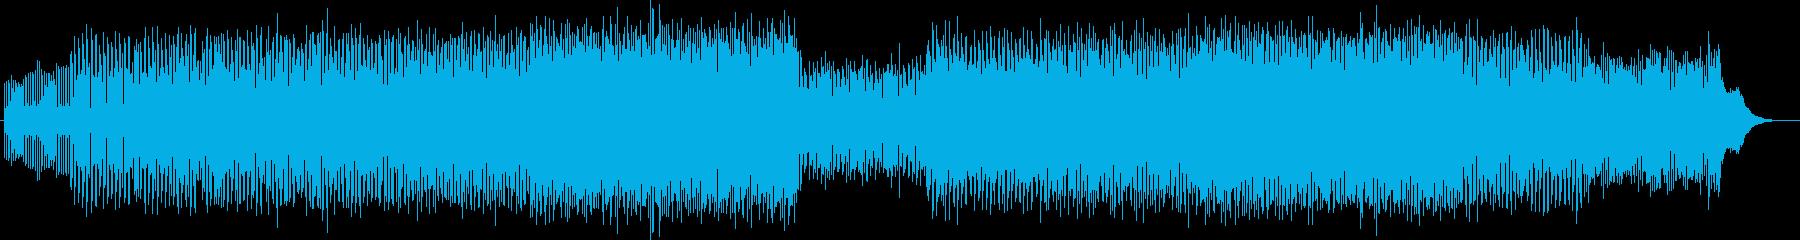 幻想的でアップテンポなテクノミュージックの再生済みの波形